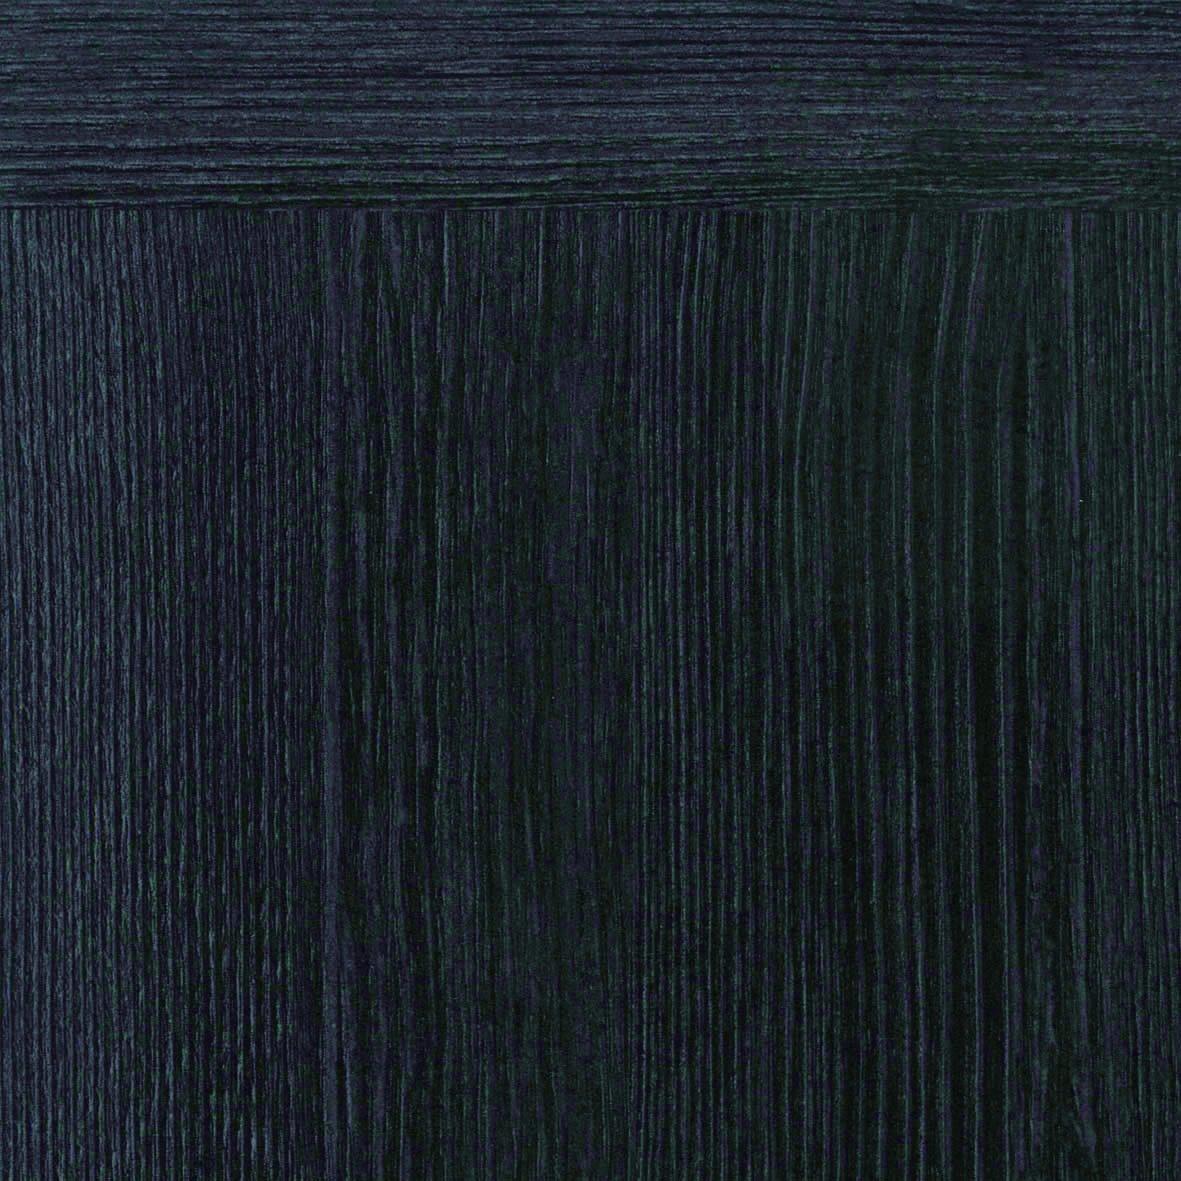 リリカラ 壁紙49m ナチュラル 木目調 ブラック LL-8790 B01MXHON93 49m